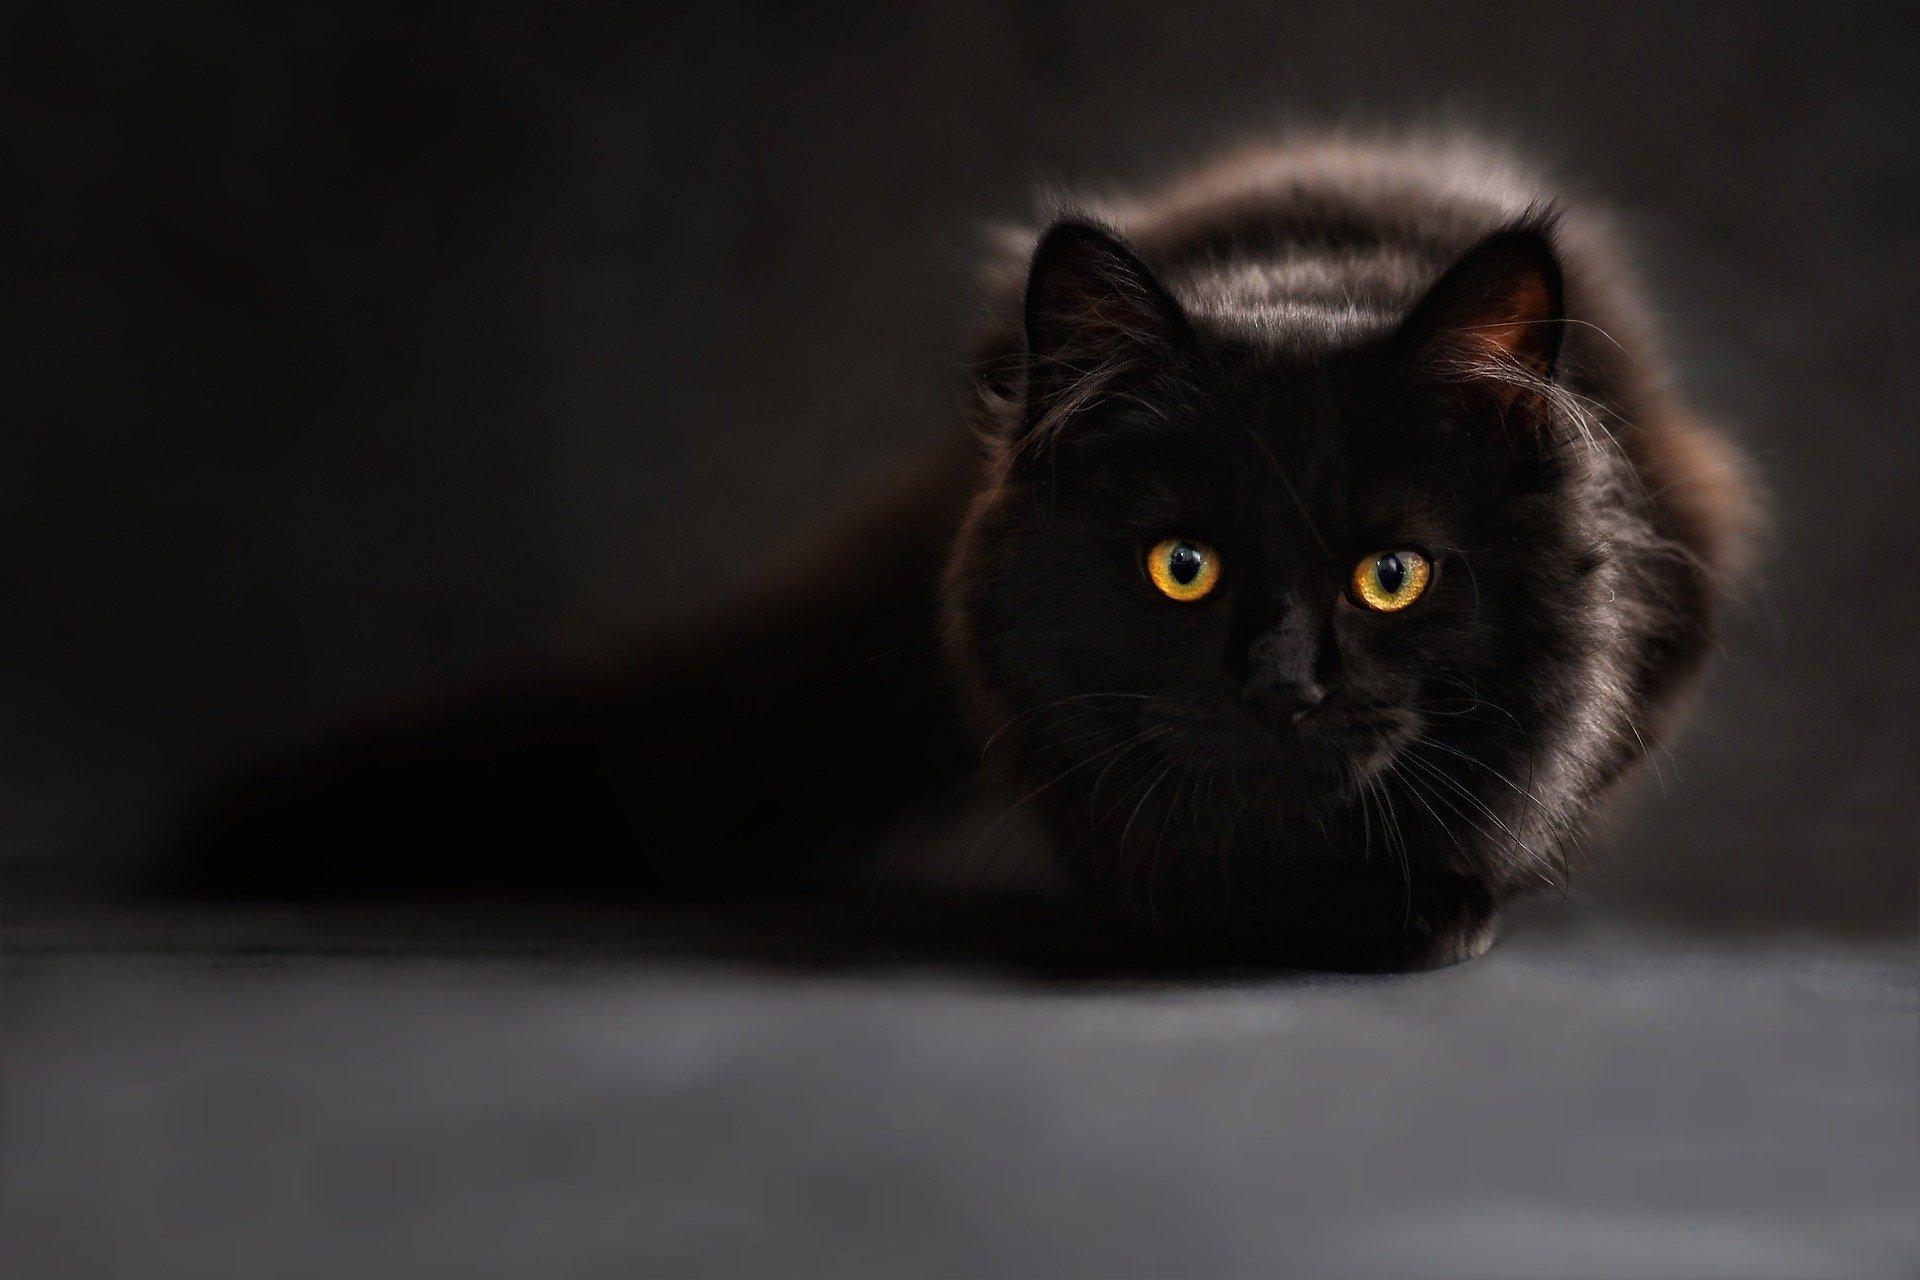 Los gatos viven unos 15 años